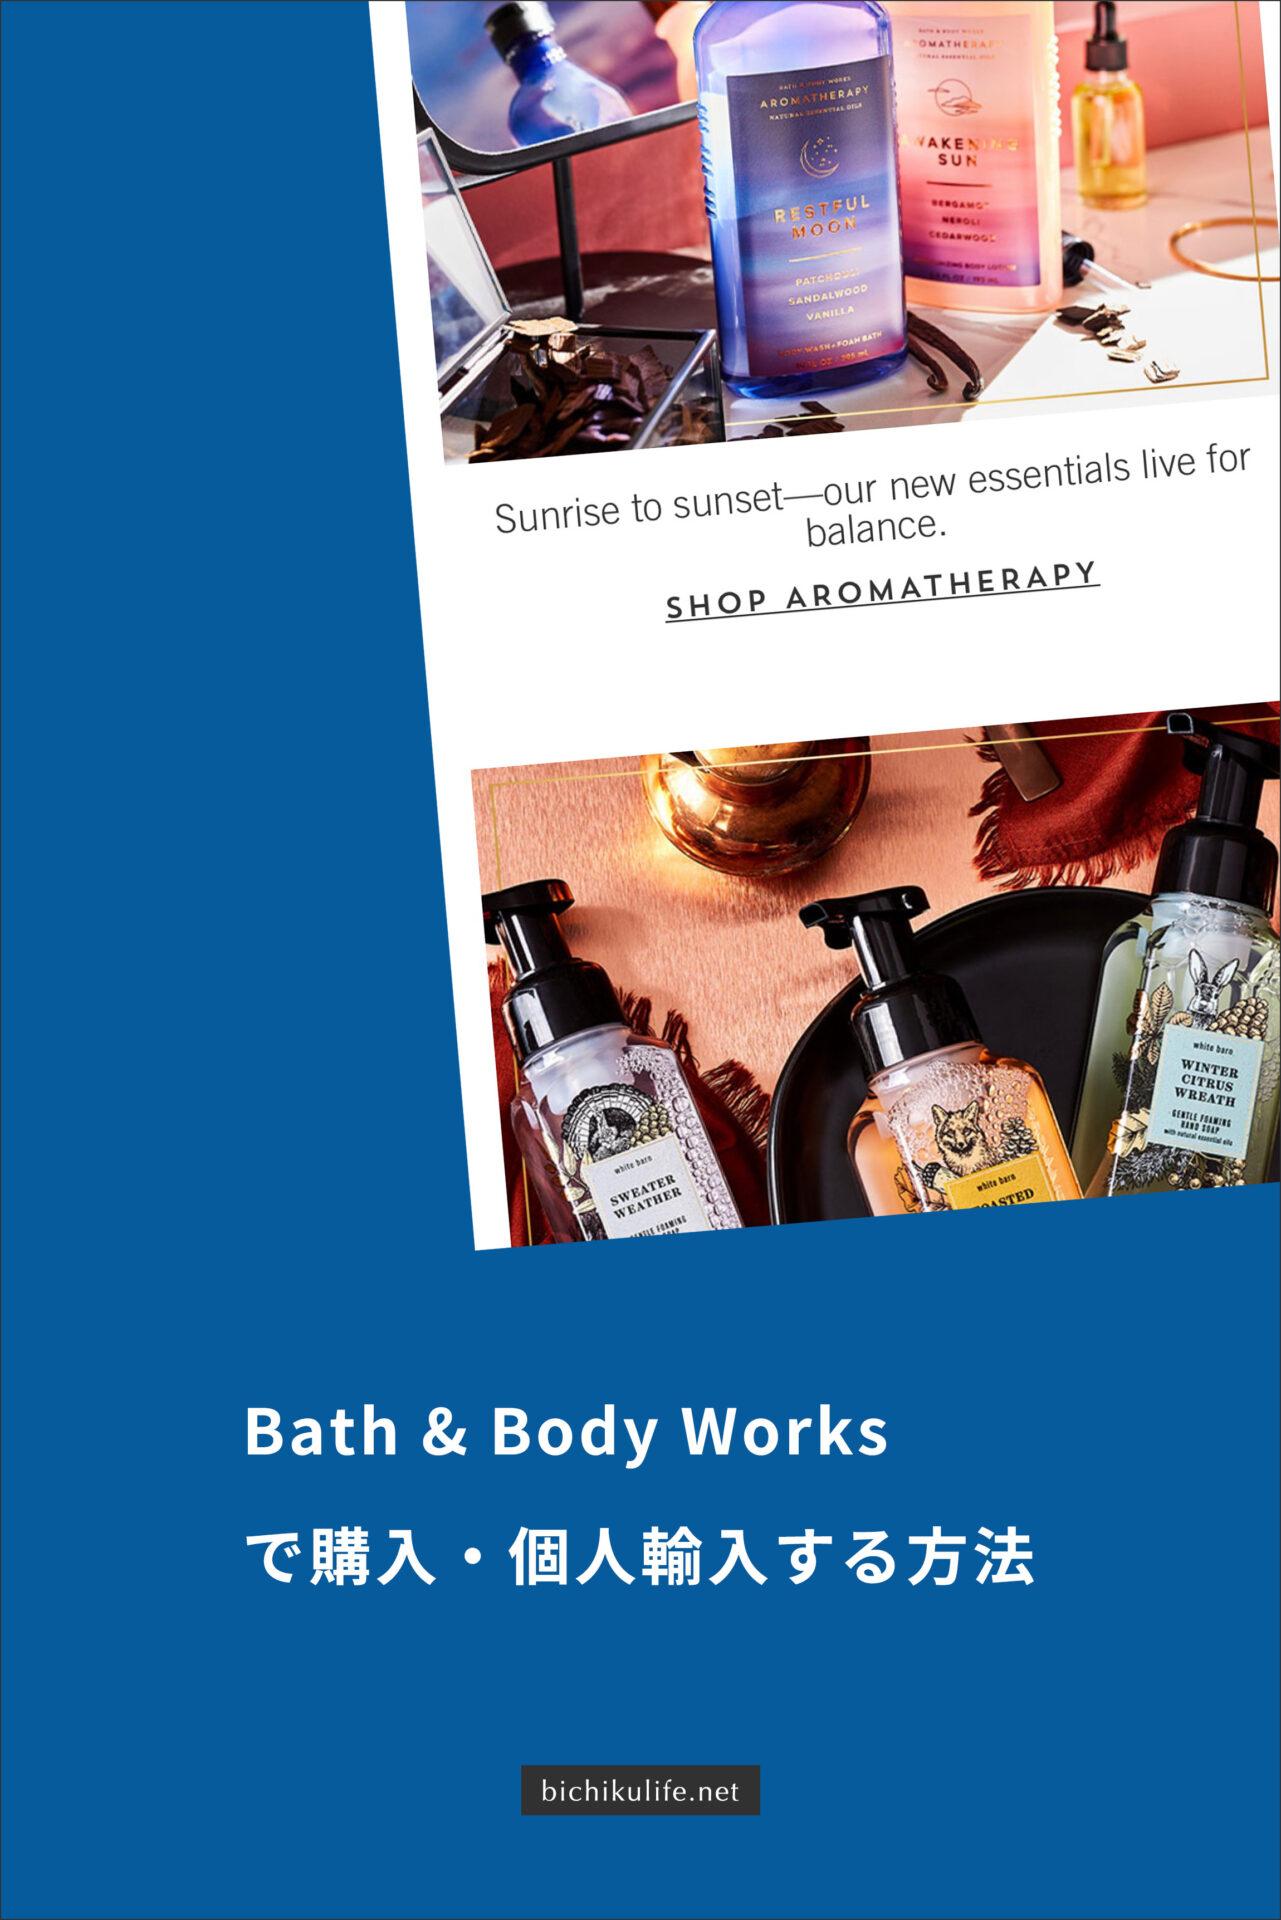 バスアンドボディワークスの公式通販サイトで日本へ購入する方法